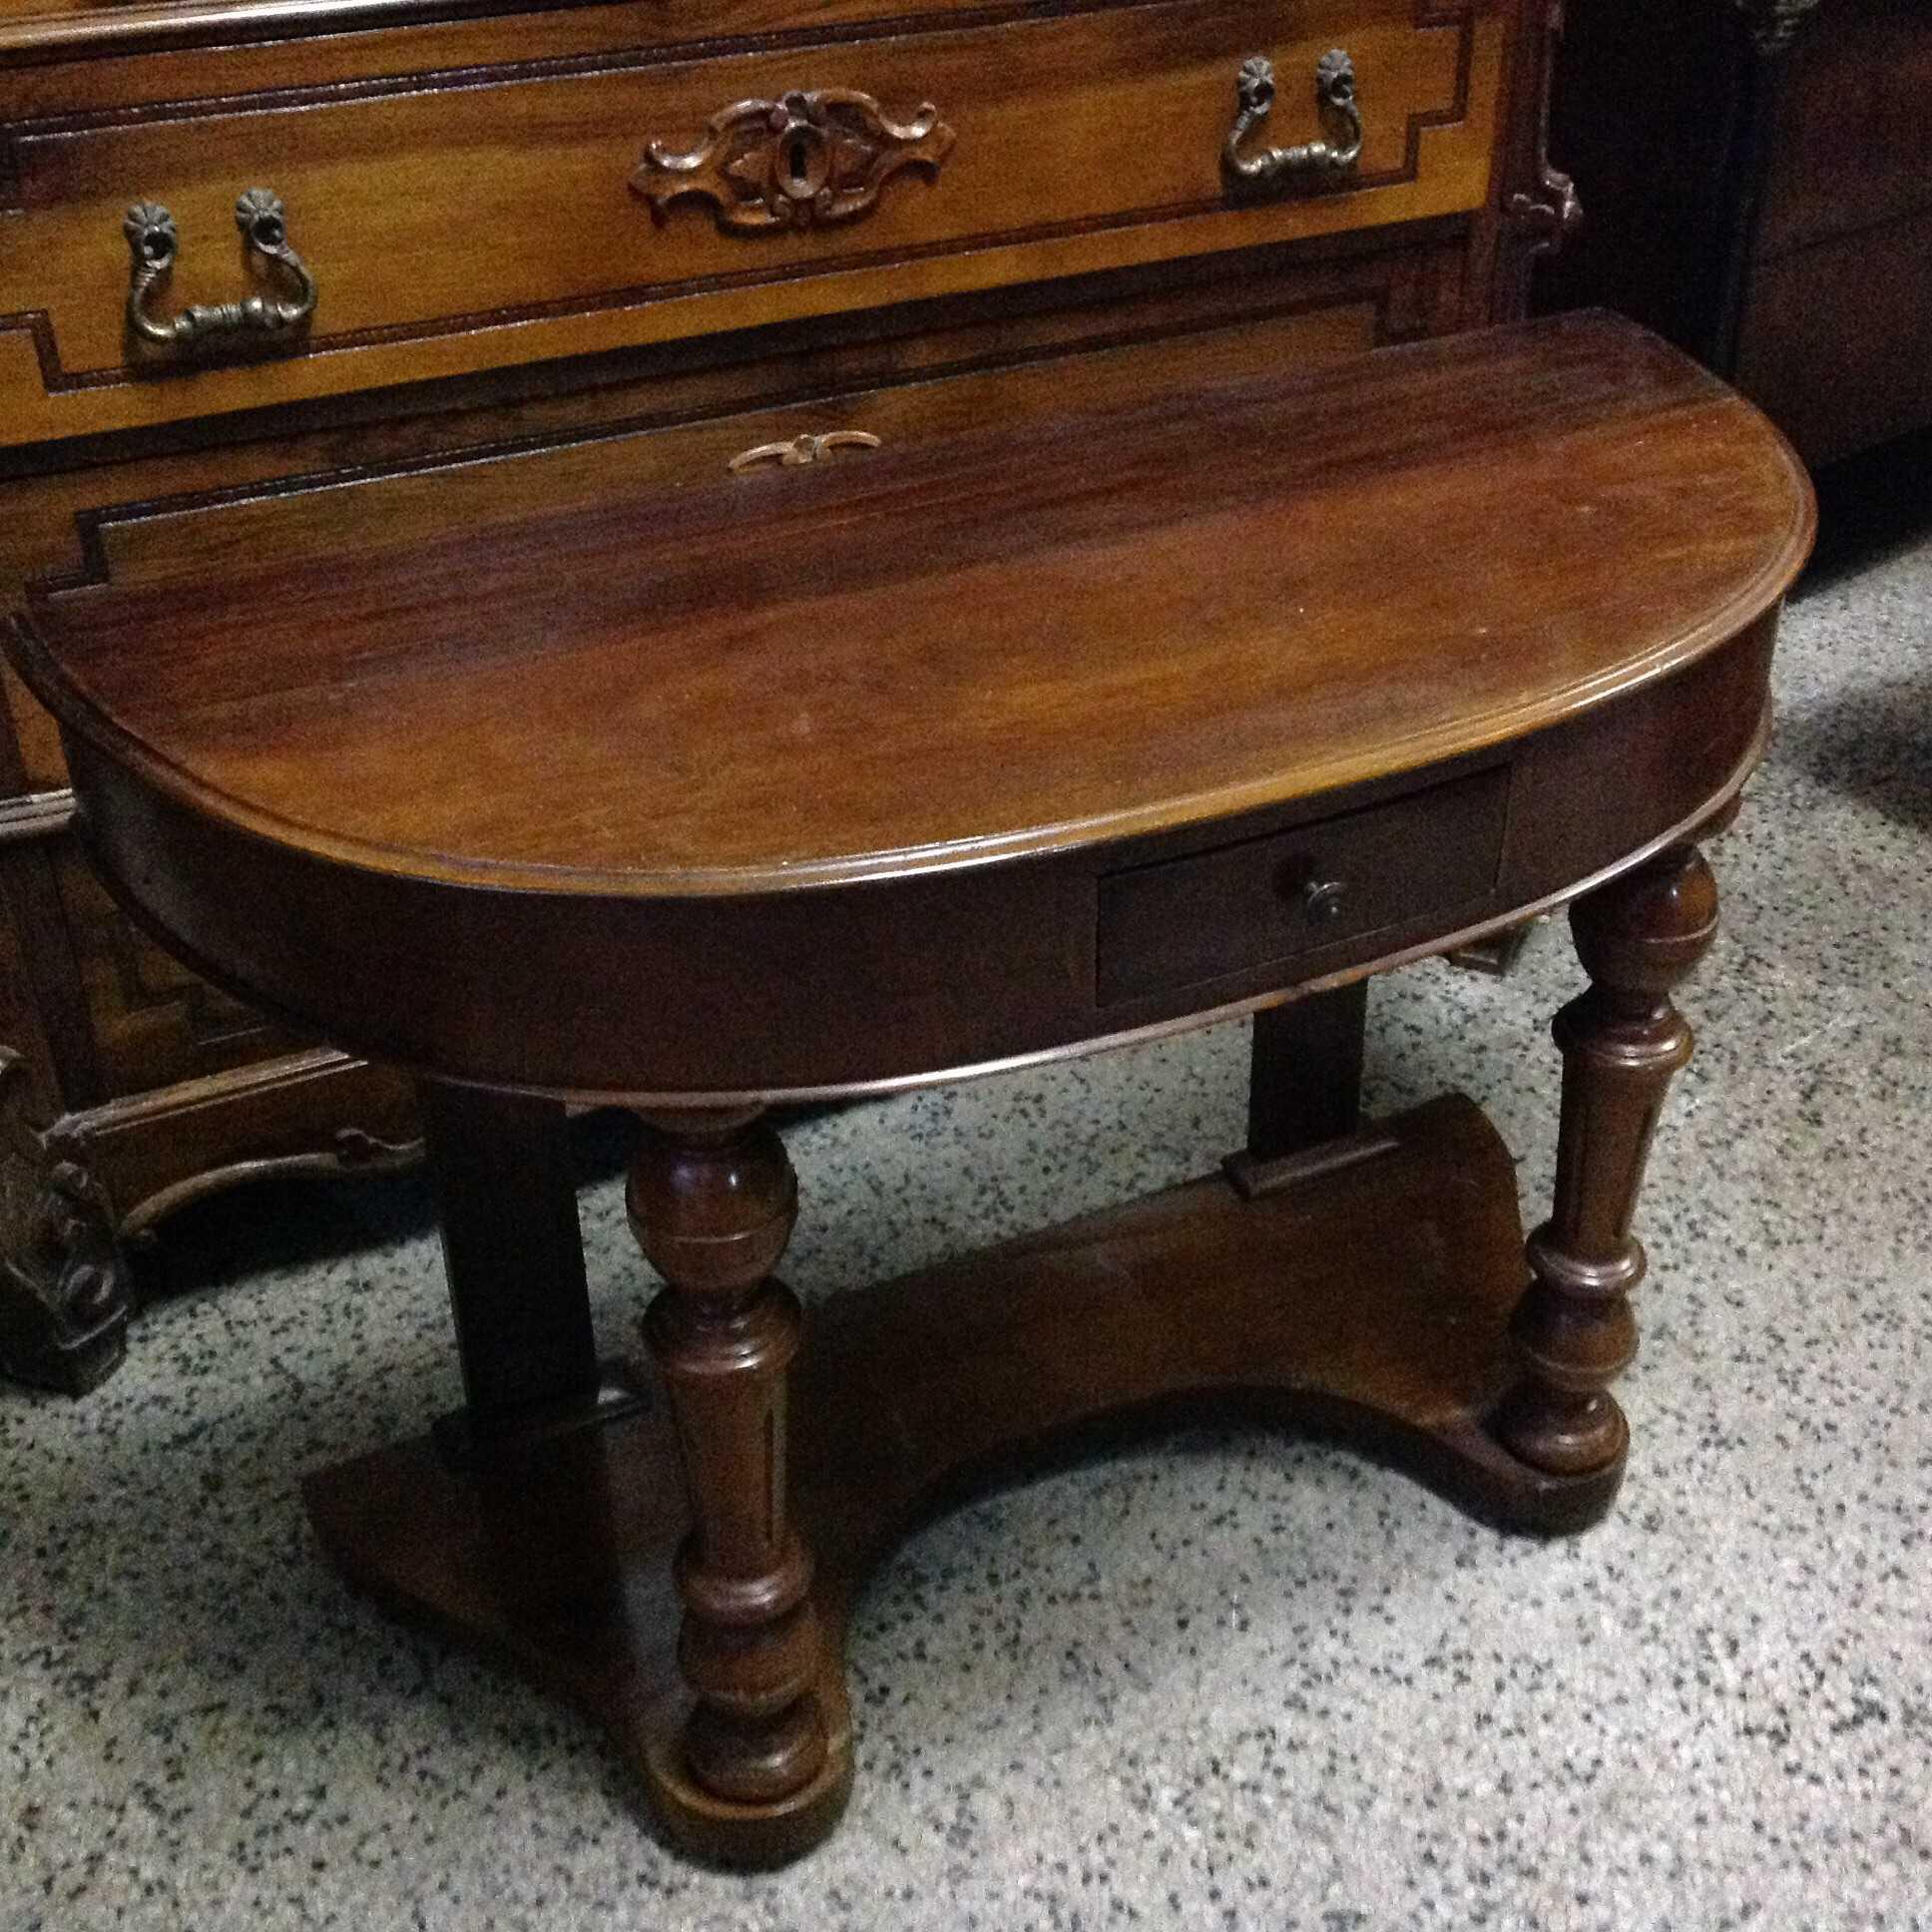 Consol tavolo arredamento mobili antiquariato musetti for Ebay arredamento antiquariato